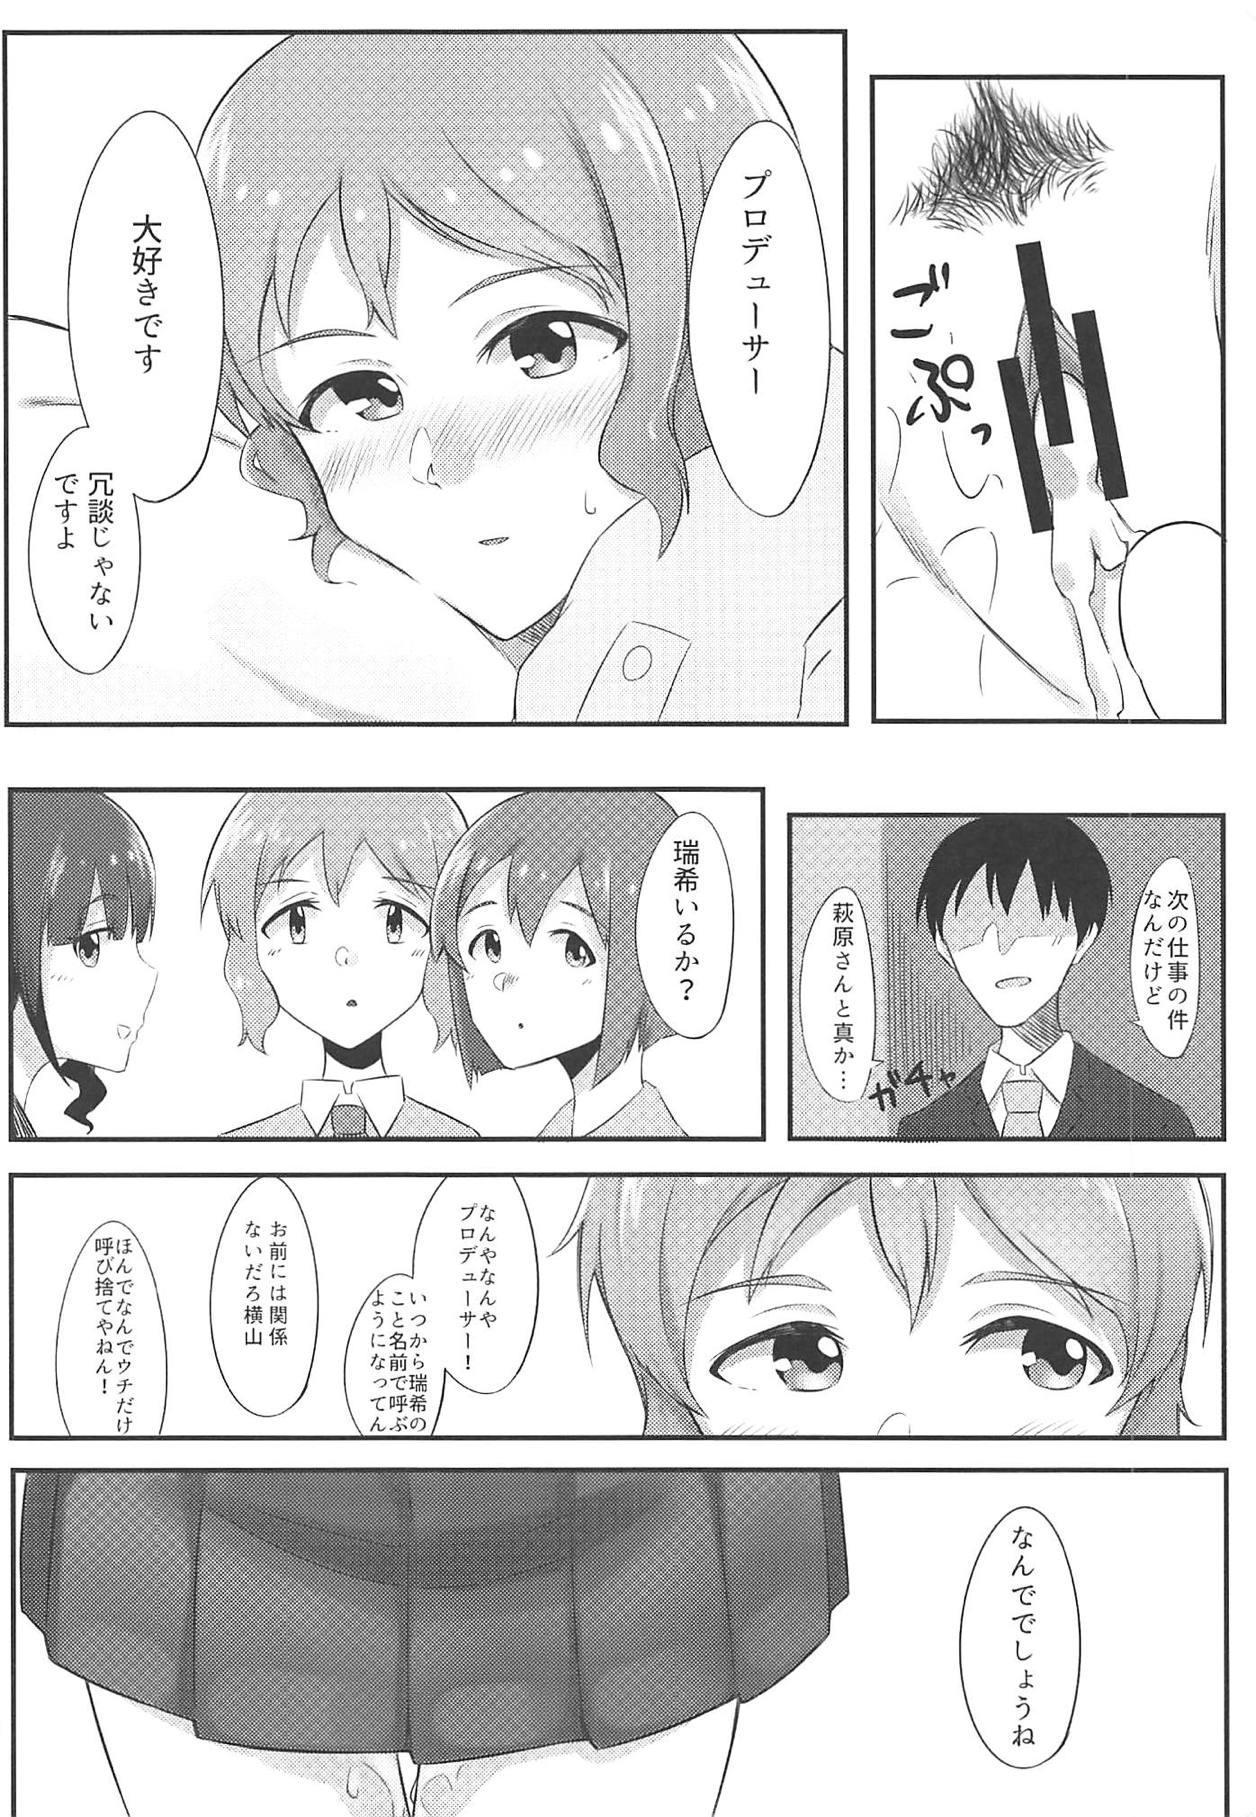 Makabe-kun to Ecchi Suru Hon 13